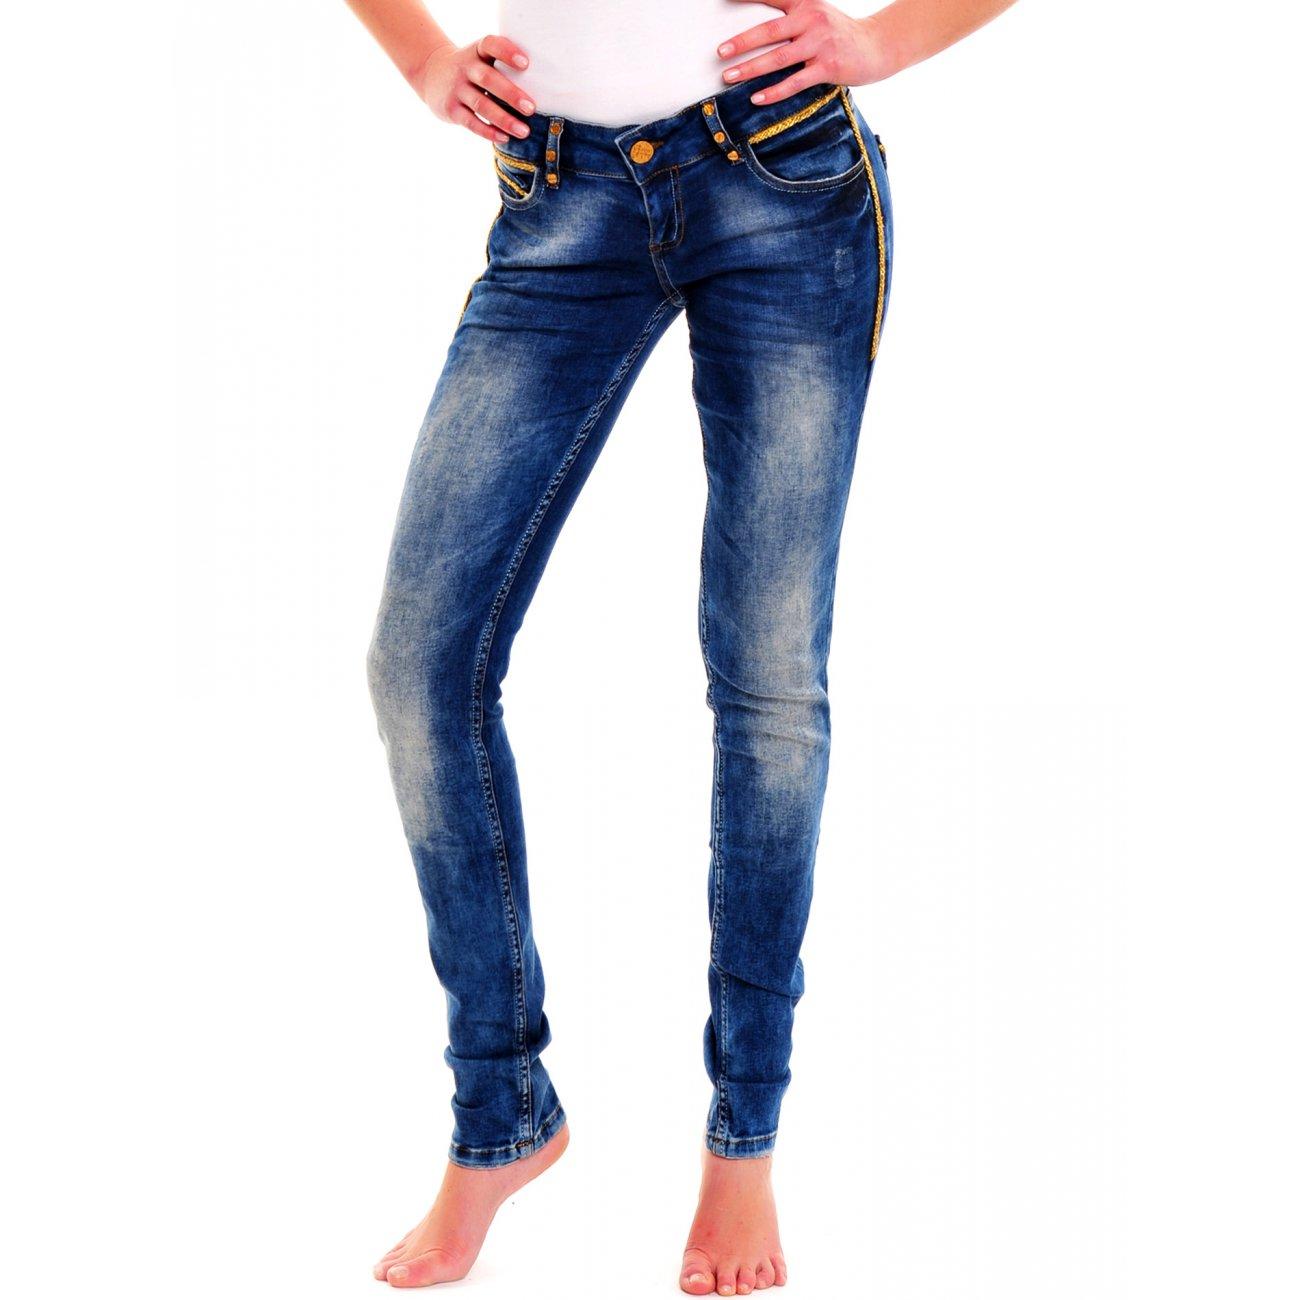 high waist jeans damen tazzio 6014 blau g nstig kaufen. Black Bedroom Furniture Sets. Home Design Ideas